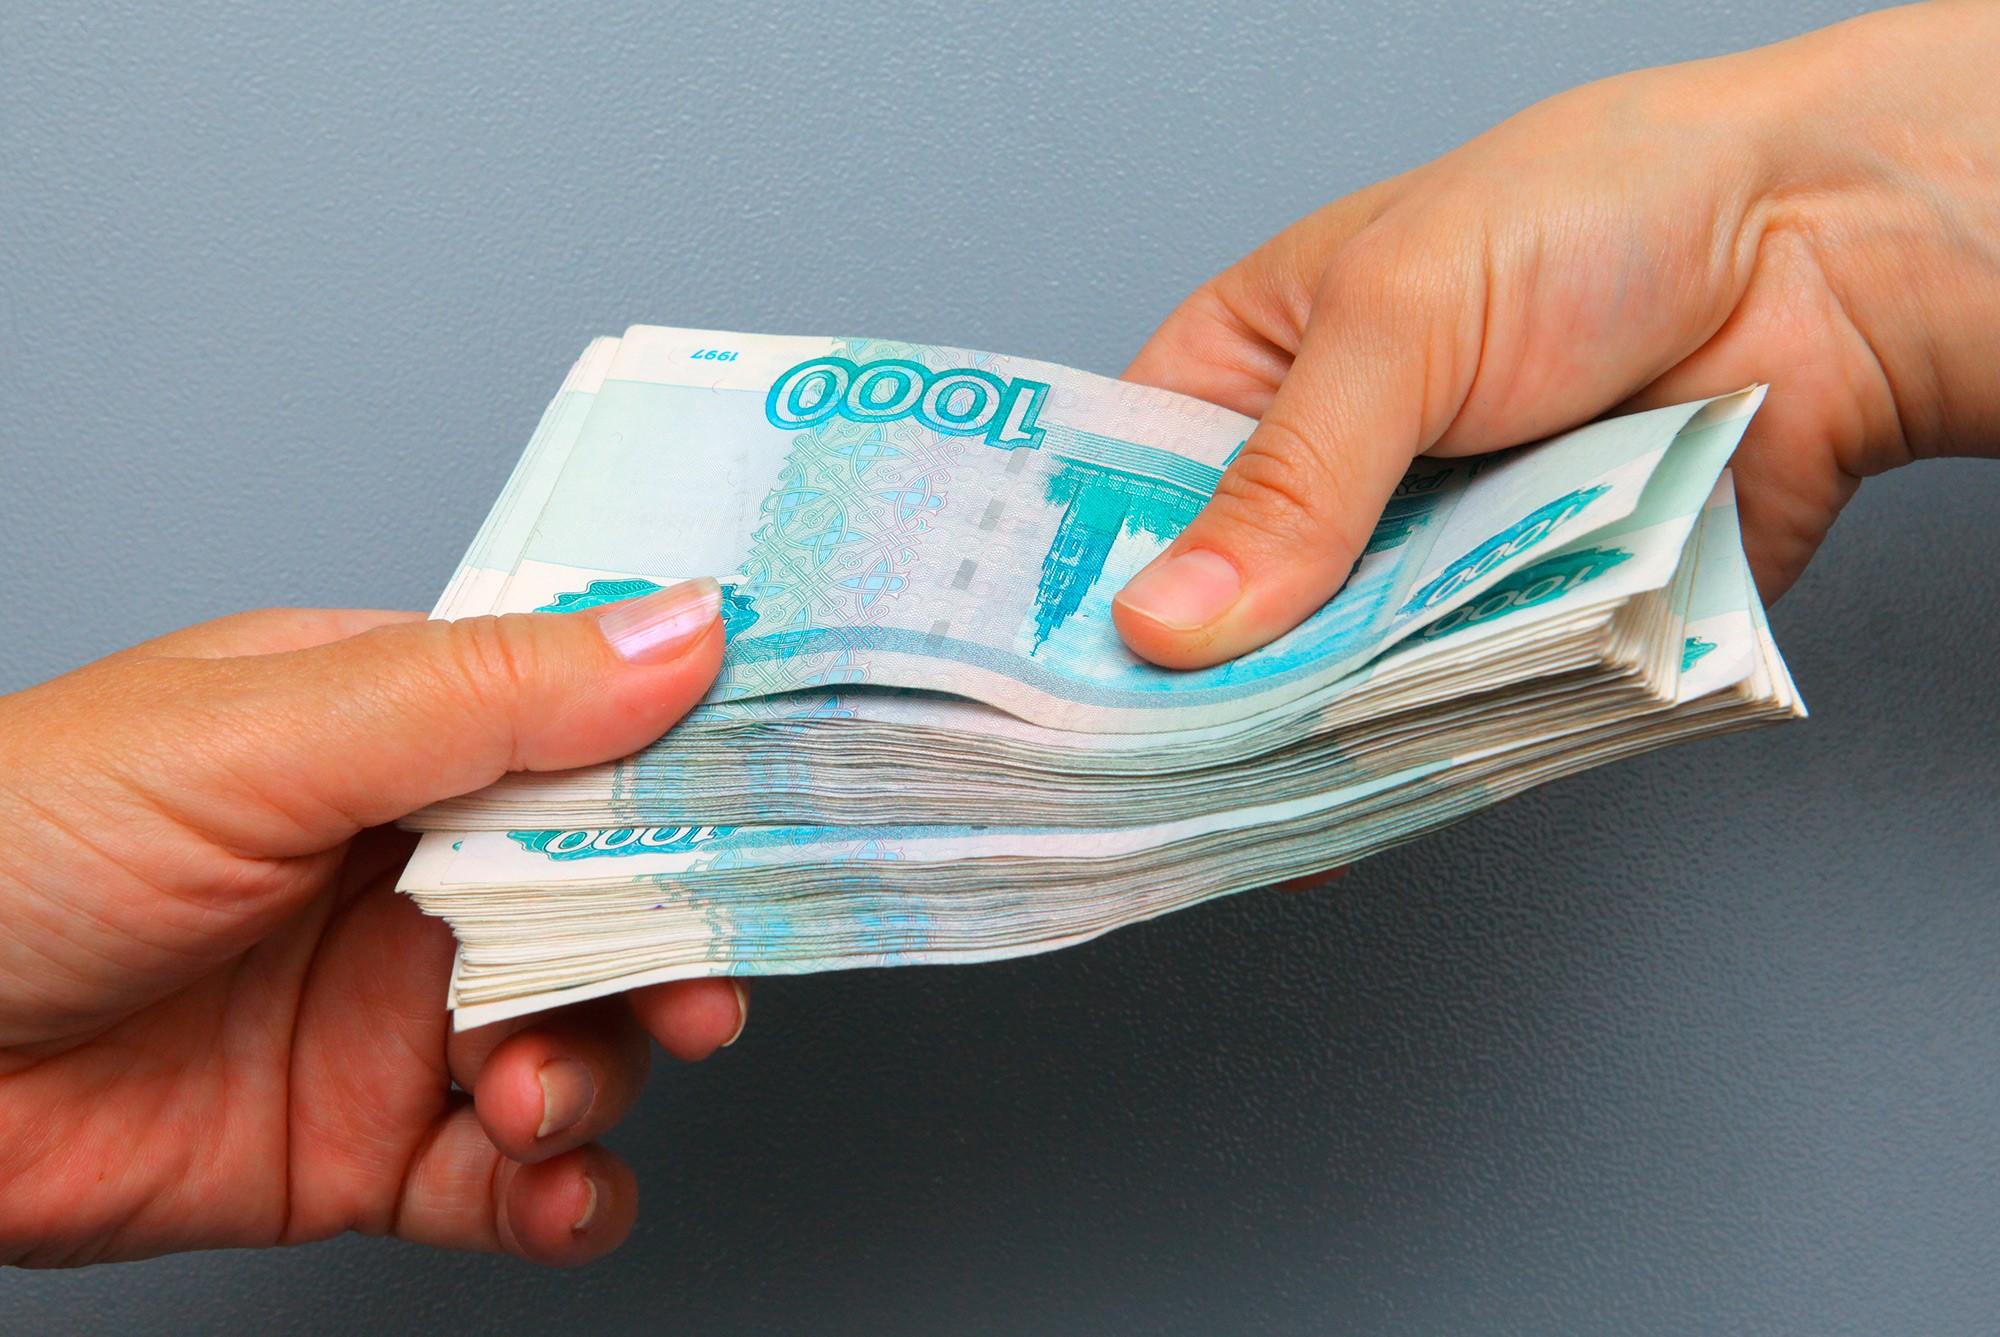 Агентство по страхованию вкладов попросит у ЦБ 30-40 млрд рублей